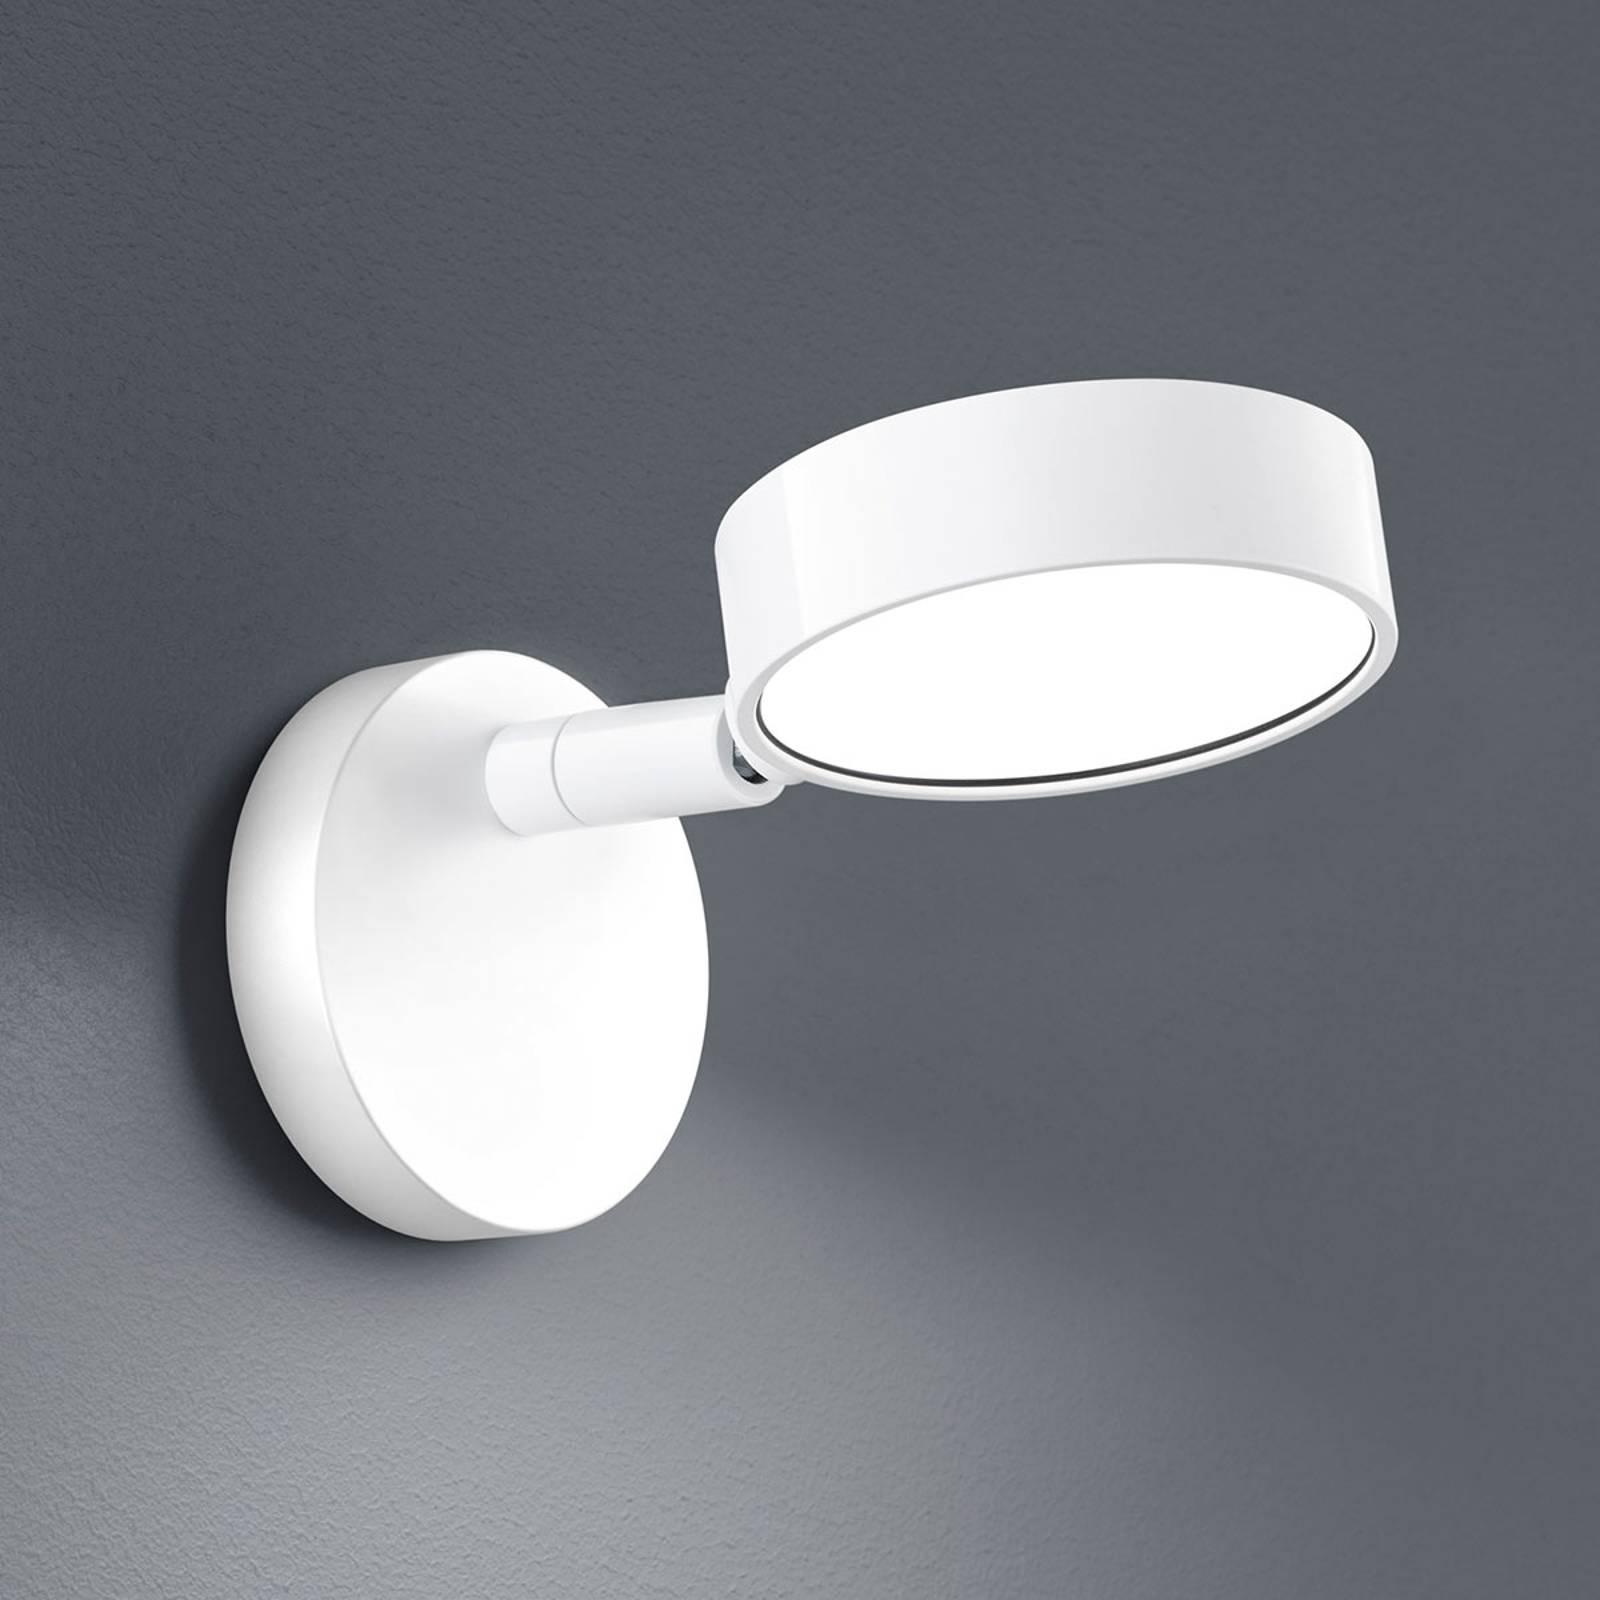 Baulmann 64.109 LED-Wandleuchte, Touchdim, weiß